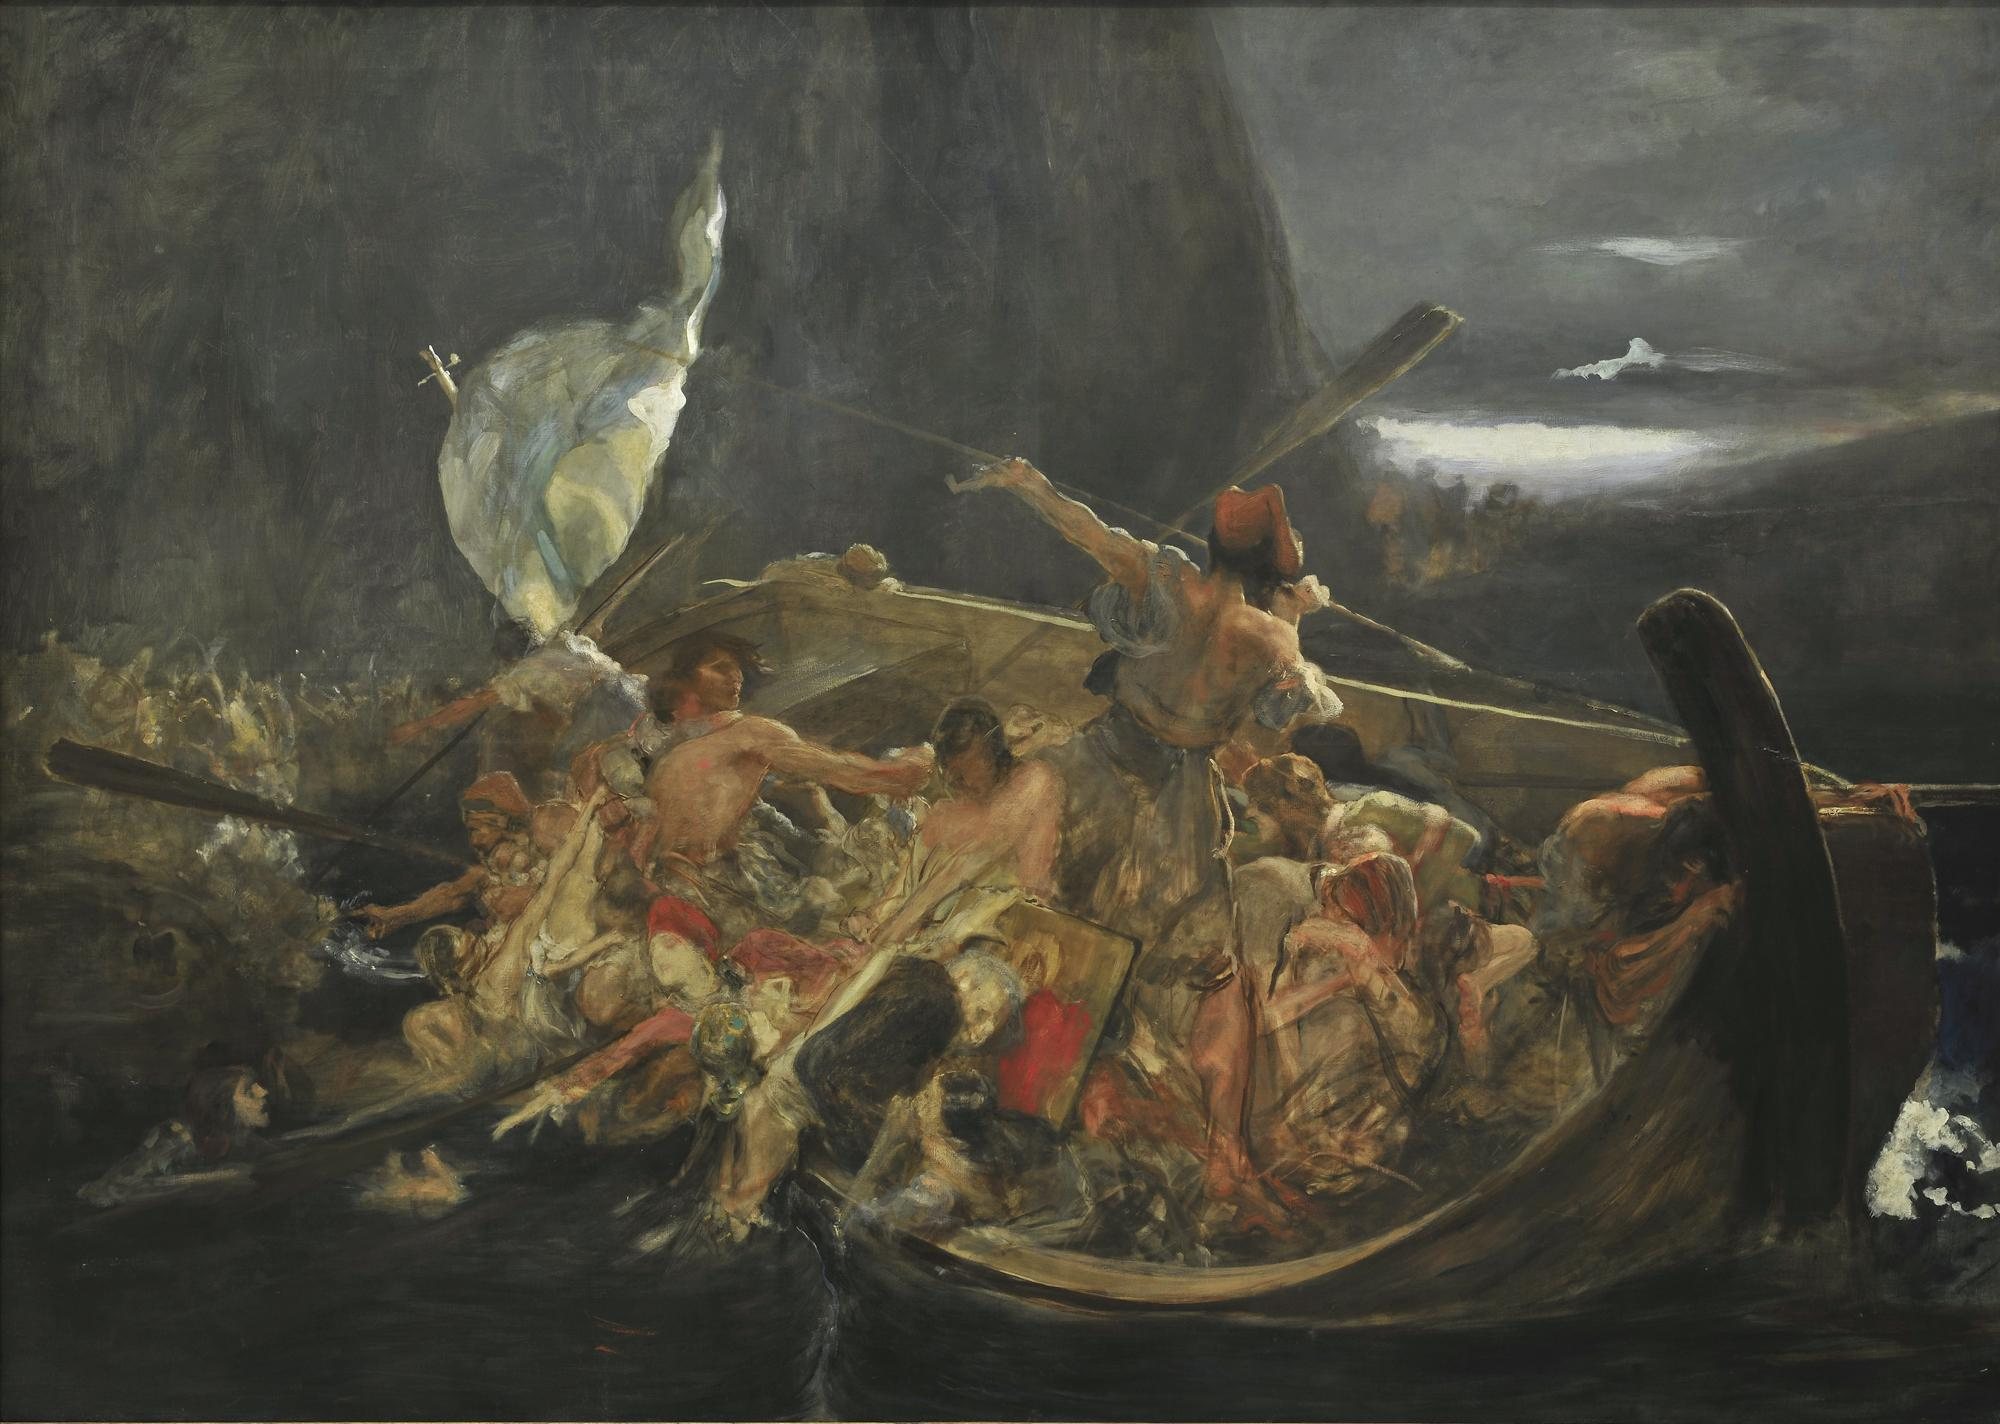 Ν. Γύζης, Μετά την καταστροφή των Ψαρών, π. 1896-1898, Εθνική Πινακοθήκη